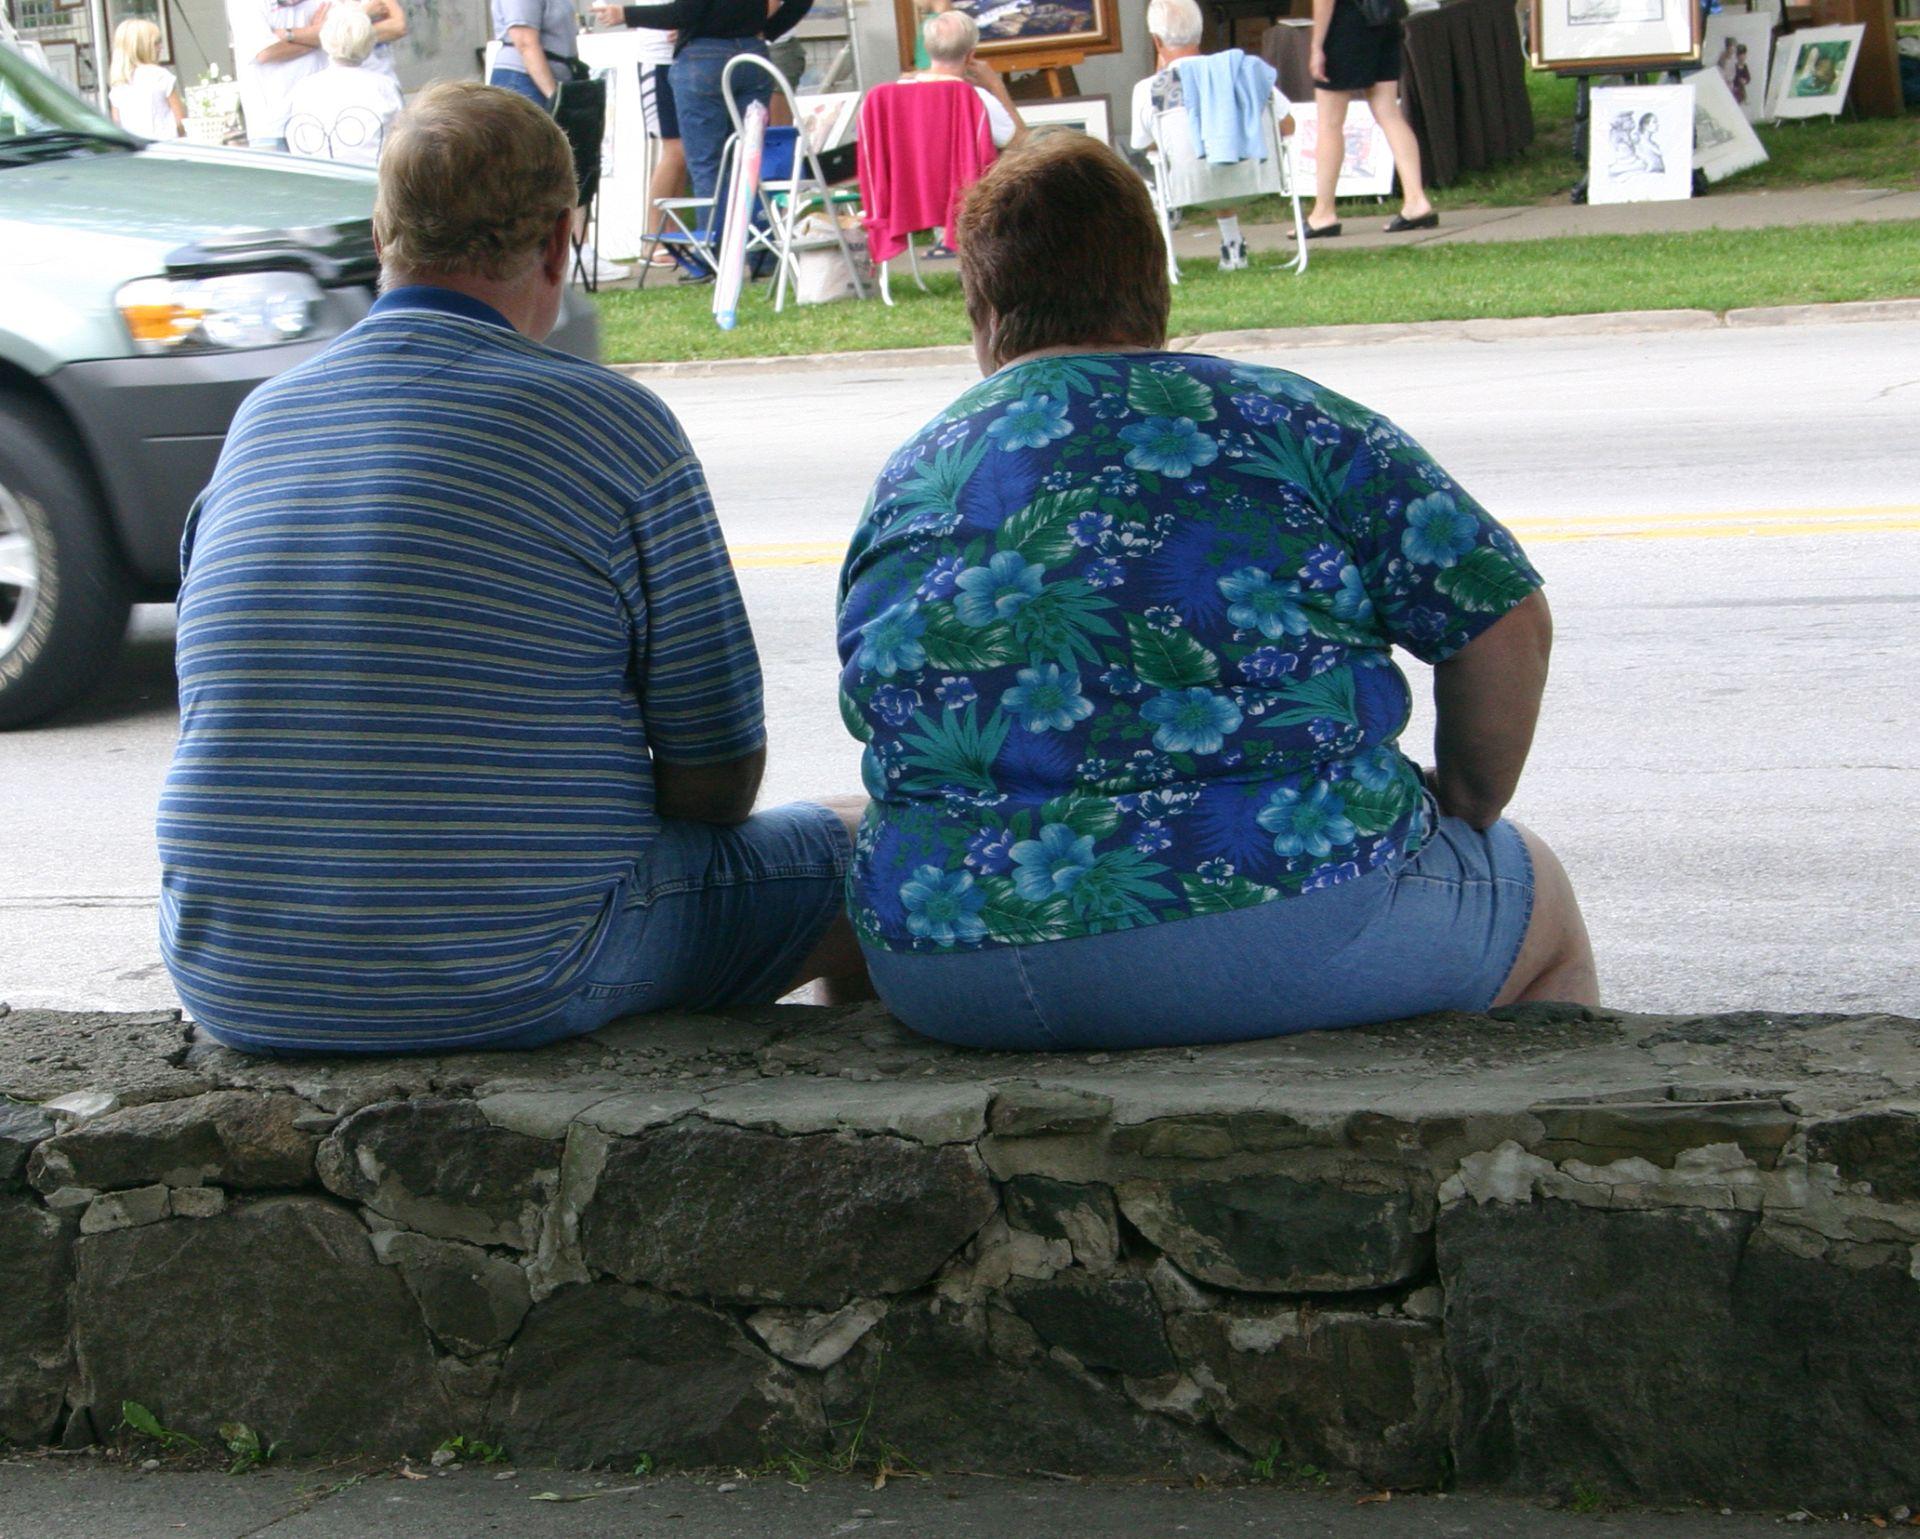 A gordura e os açúcares são prejudiciais em excesso mesmo para pessoas que não passaram por cirurgias gástricas. Em pacientes operados, essas substâncias não serão digeridas corretamente. Foto: Bigstock.